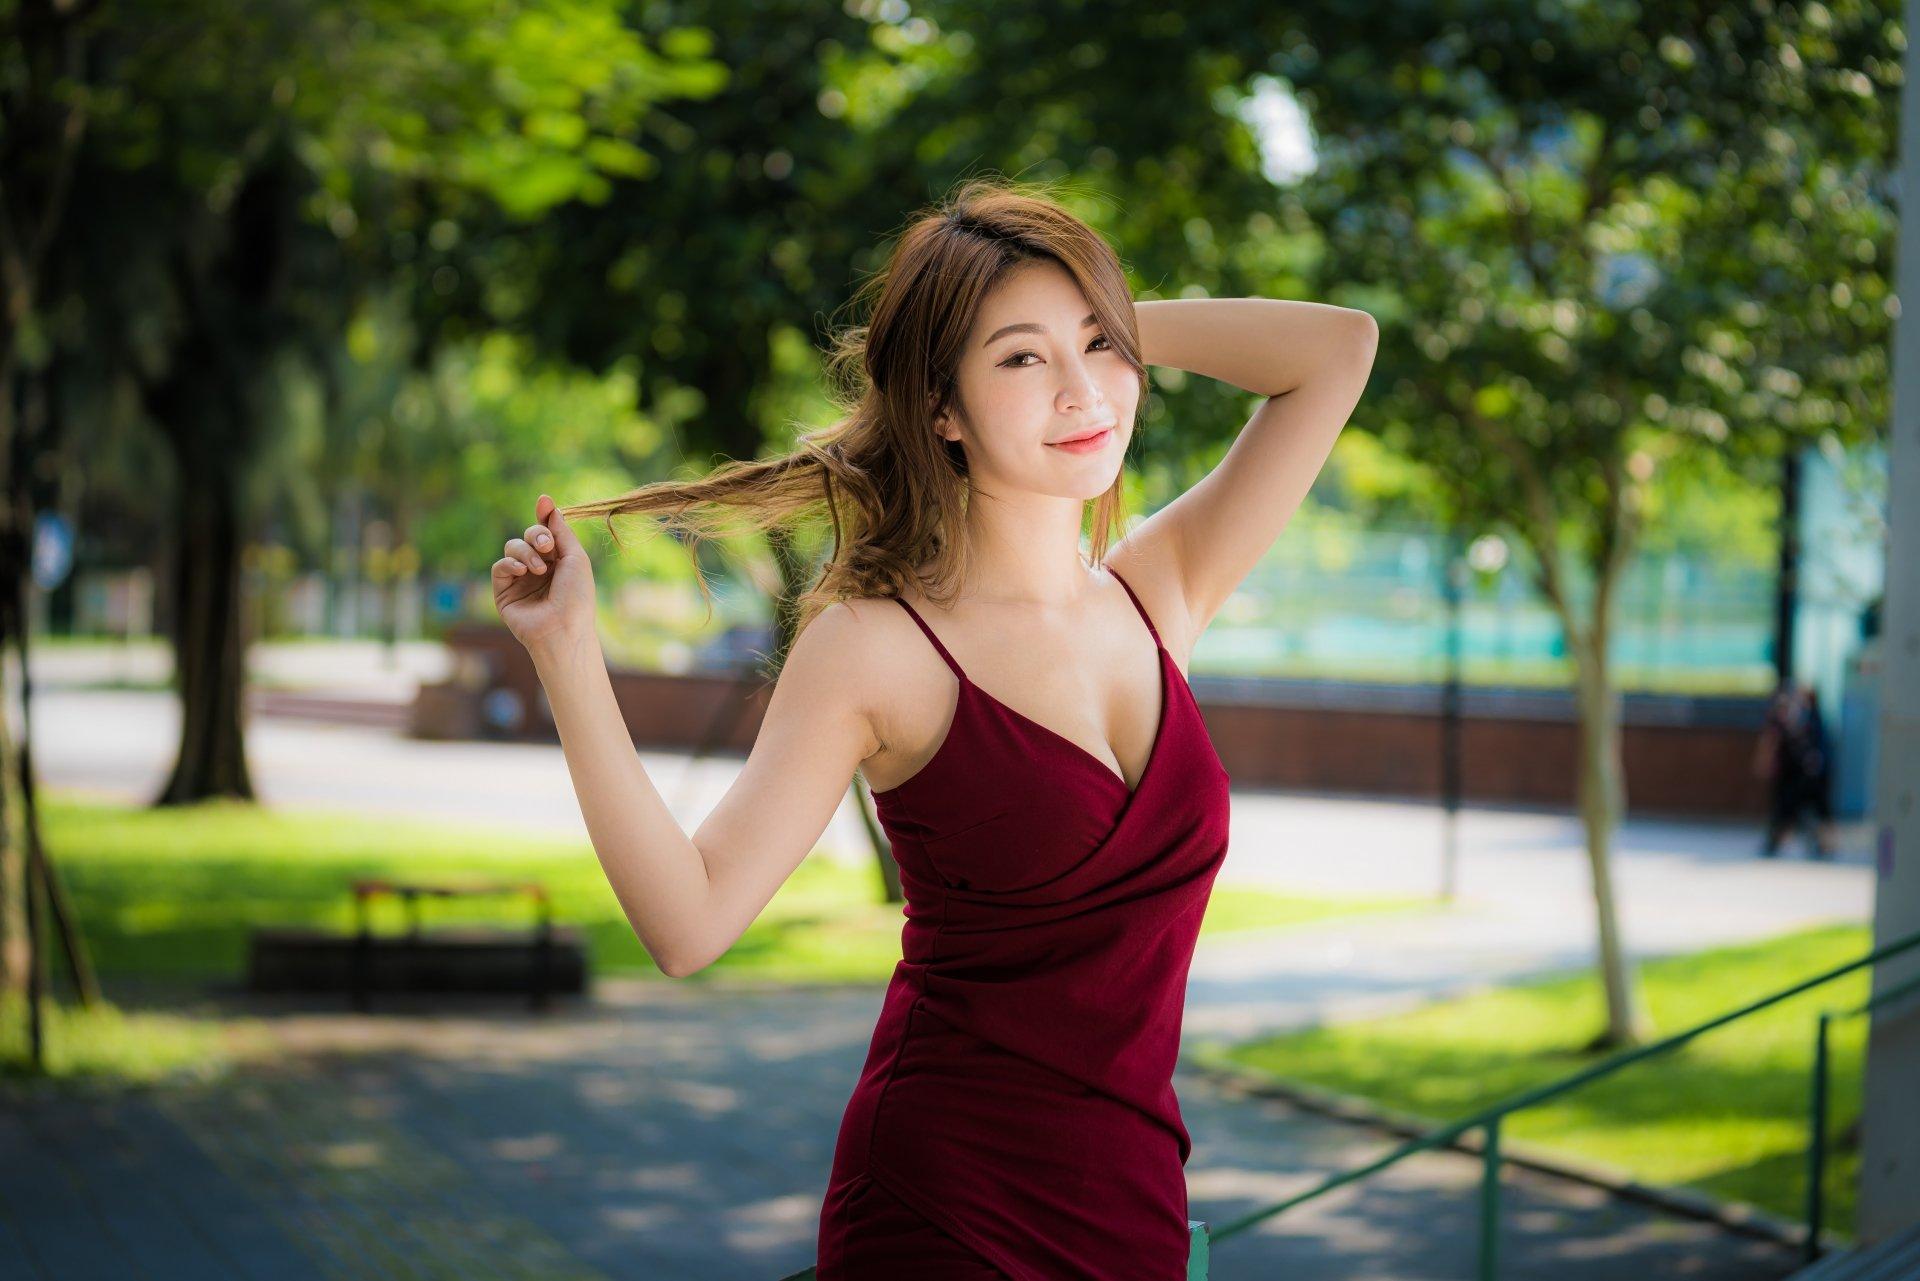 Wallpaper of Asian, Brunette, Girl, Model, White Dress